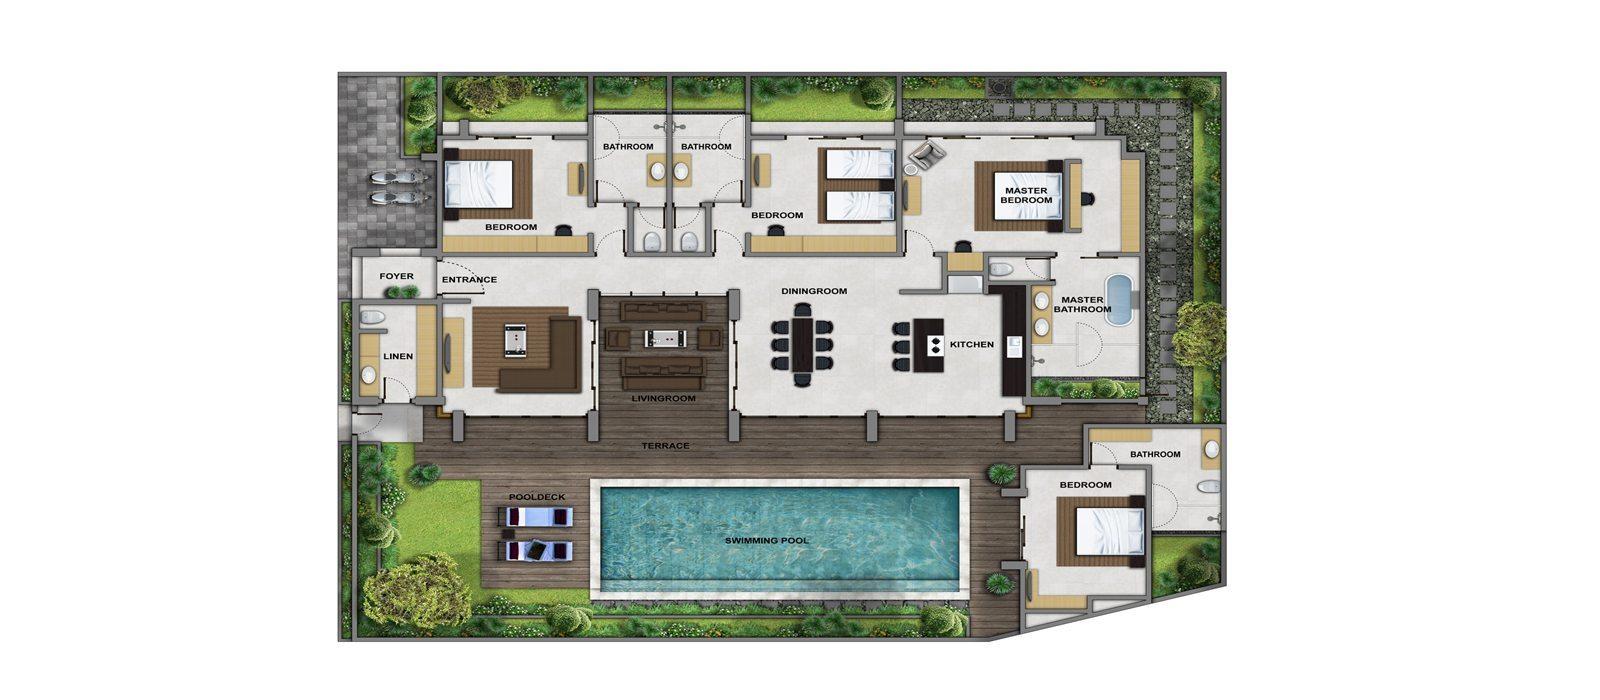 Villa Bamboo Aramanis Floorplan   Seminyak, Bali